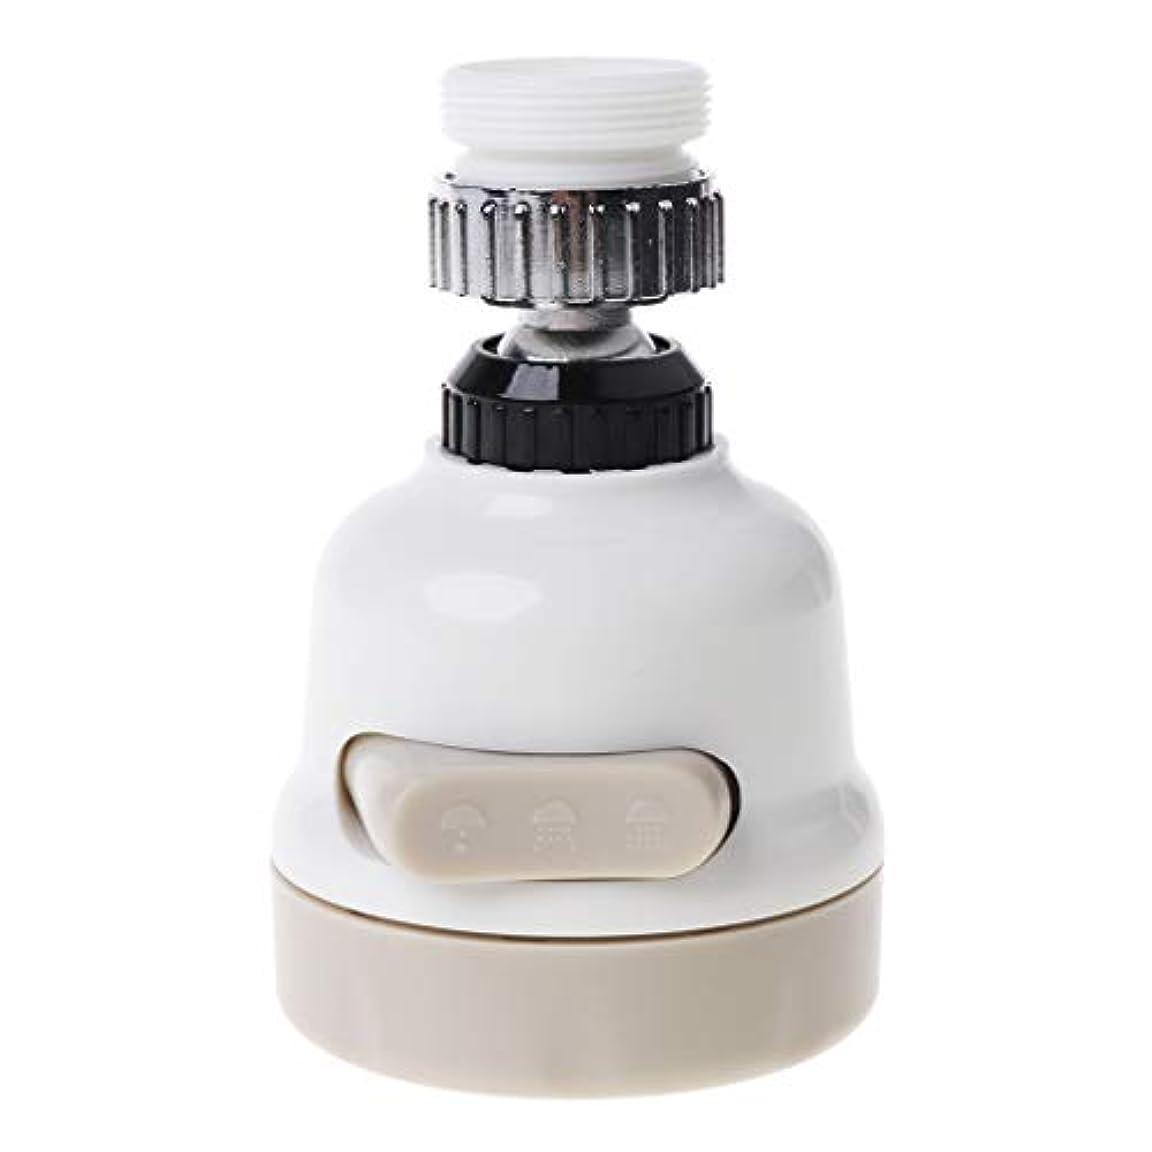 ブロックカウントアップ残基Lamdoo360?回転蛇口フィルターアダプター節水タップディフューザーバスルームキッチン